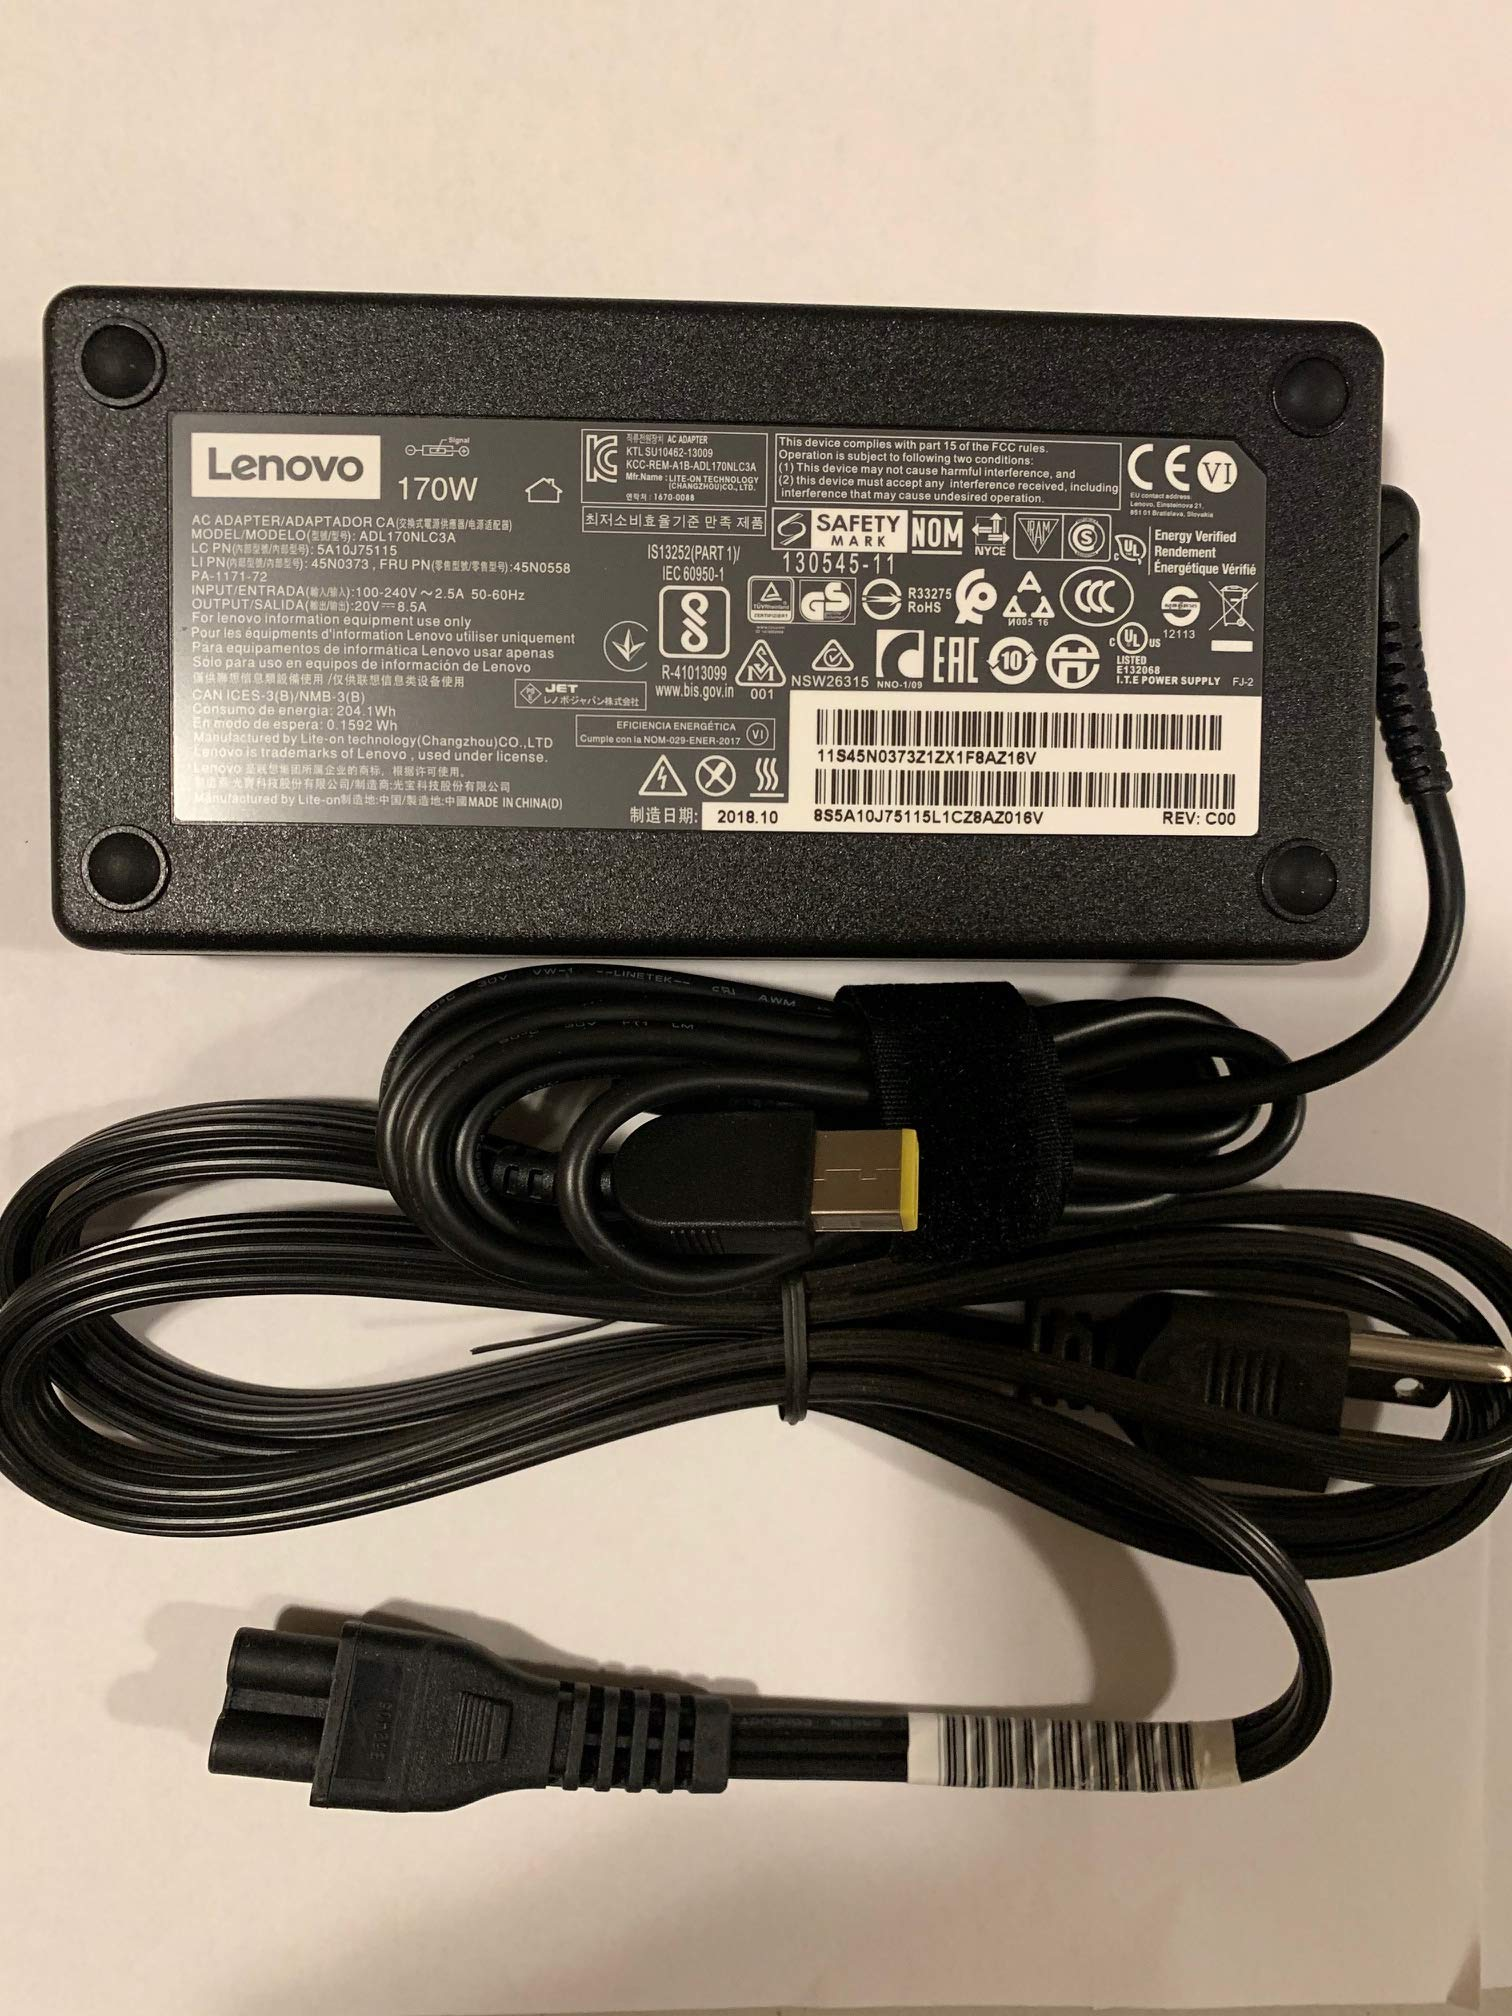 Lenovo 20V 8.5A 170W Slim Tip AC Adapter For Lenovo ThinkPad W540 W550s P50 P50S P70 E440 E450 E555 S431 T440 T540p X240 X250 Yoga 15;Legion Y720 Ideapad Y720-15IKB ADL170NLC2A ADL170NDC2A ADL170NLC3A by Lenovo (Image #1)